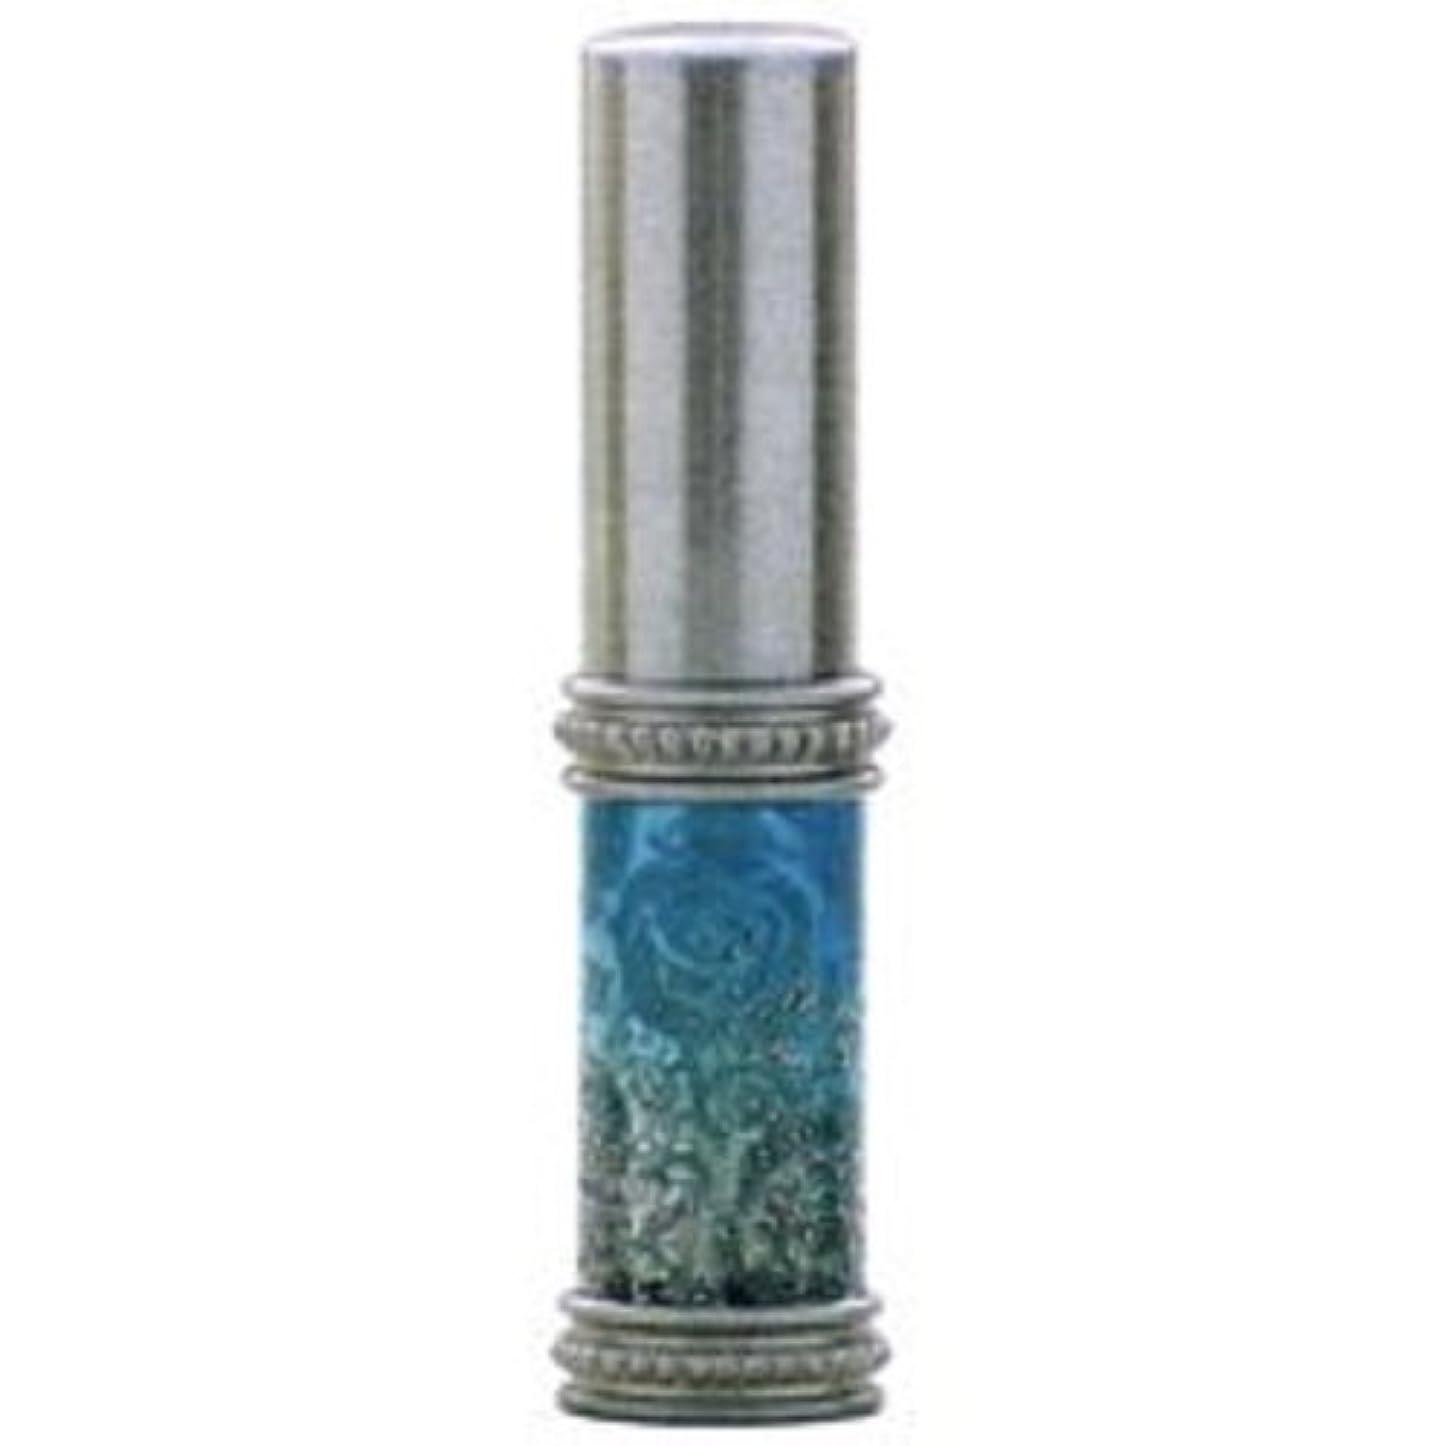 フルーティーお手入れ納税者ヒロセアトマイザー ラメ 薔薇 ガラスアトマイザー 16121 SV (メタルラメバラ シルバー)